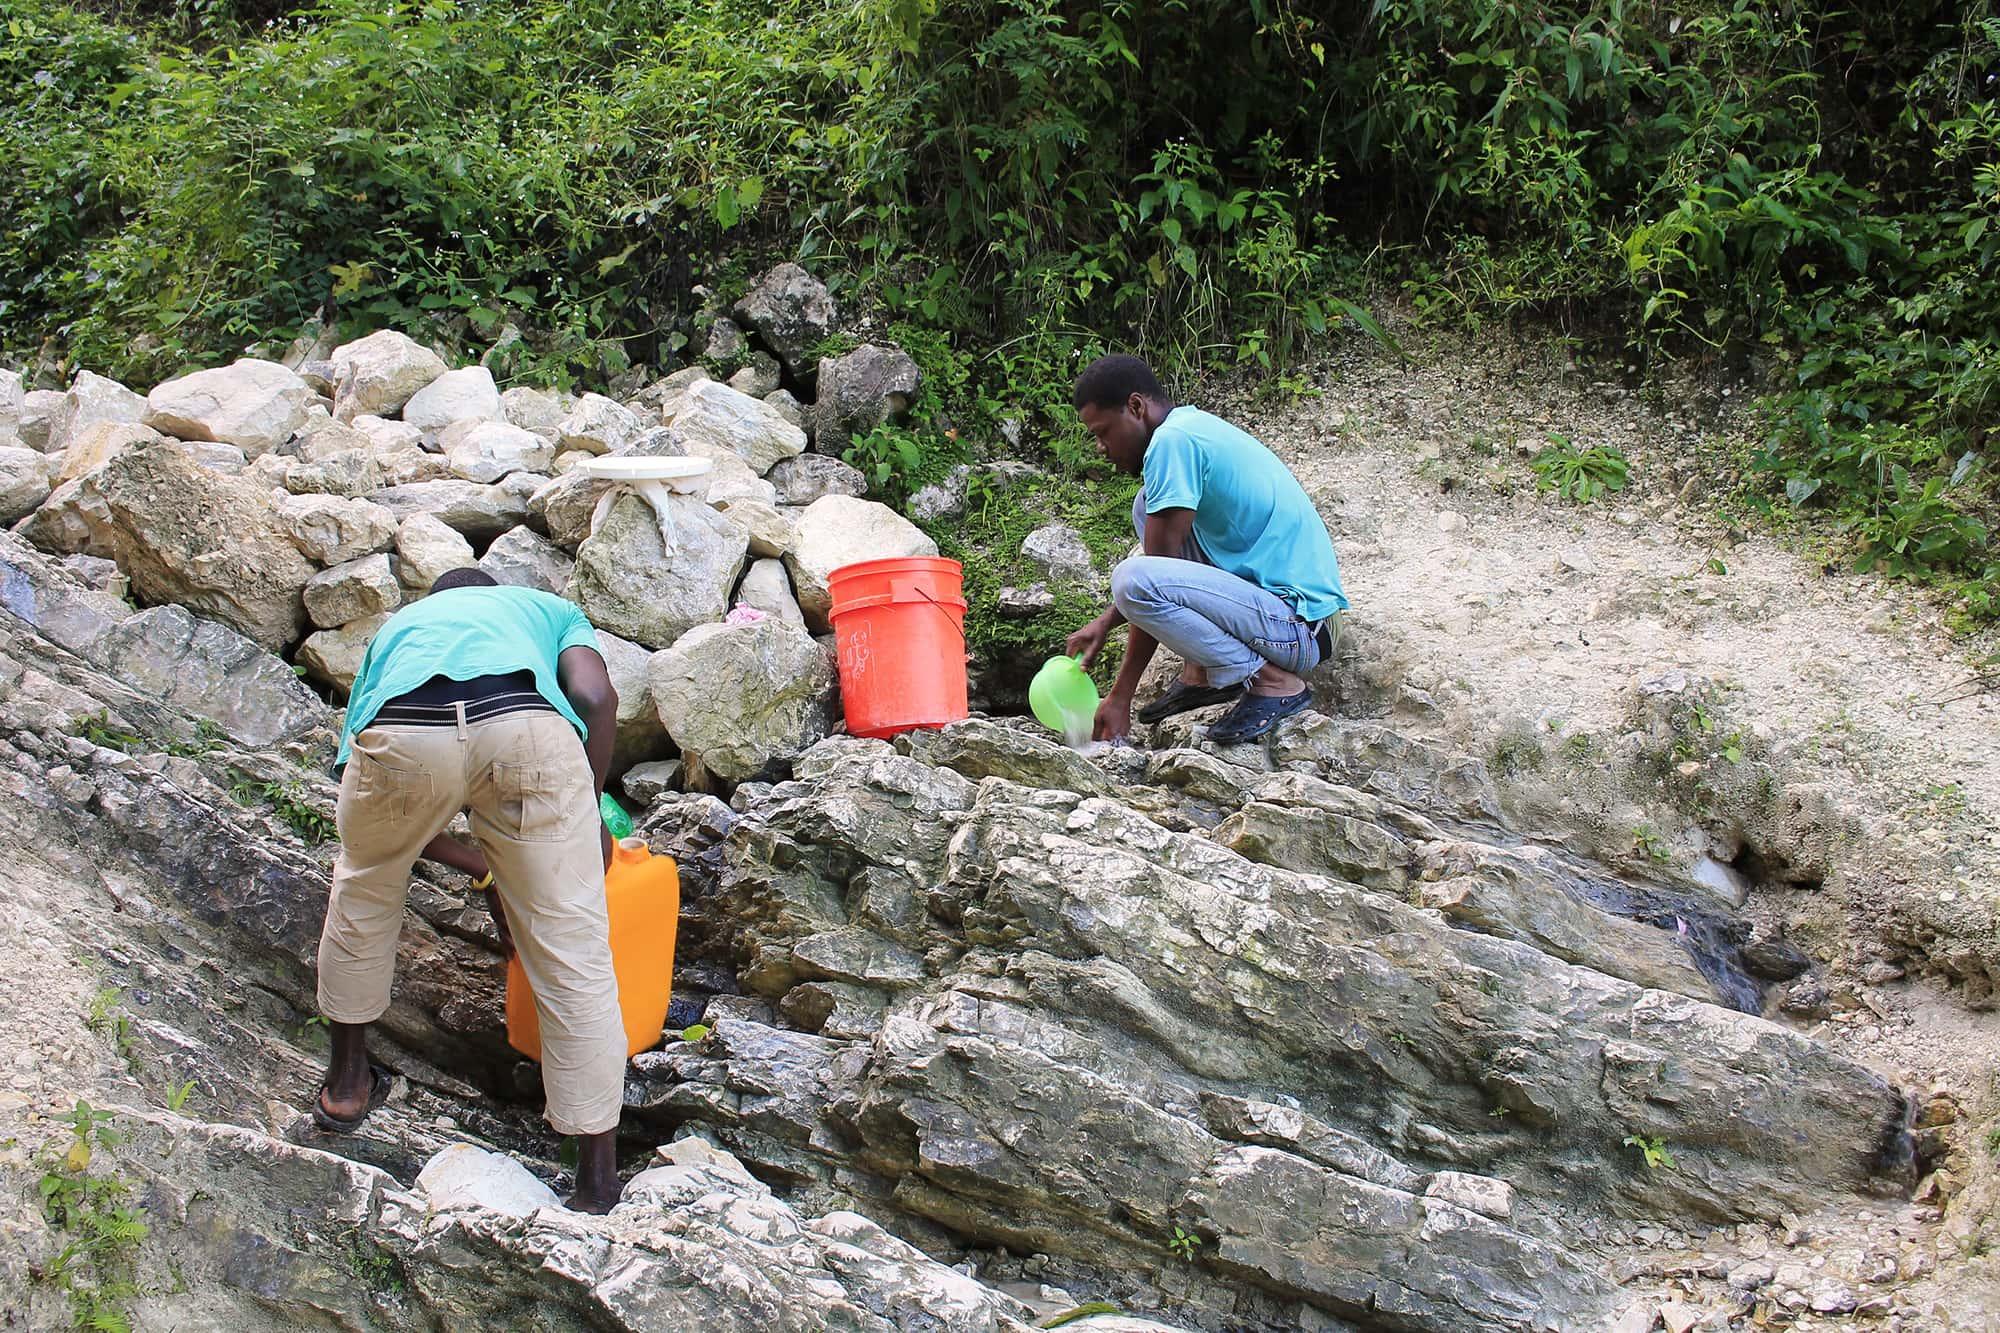 Une source d'eau dans un milieu rural de Pétion-ville. Photo: Ayibopost/Hadson Albert